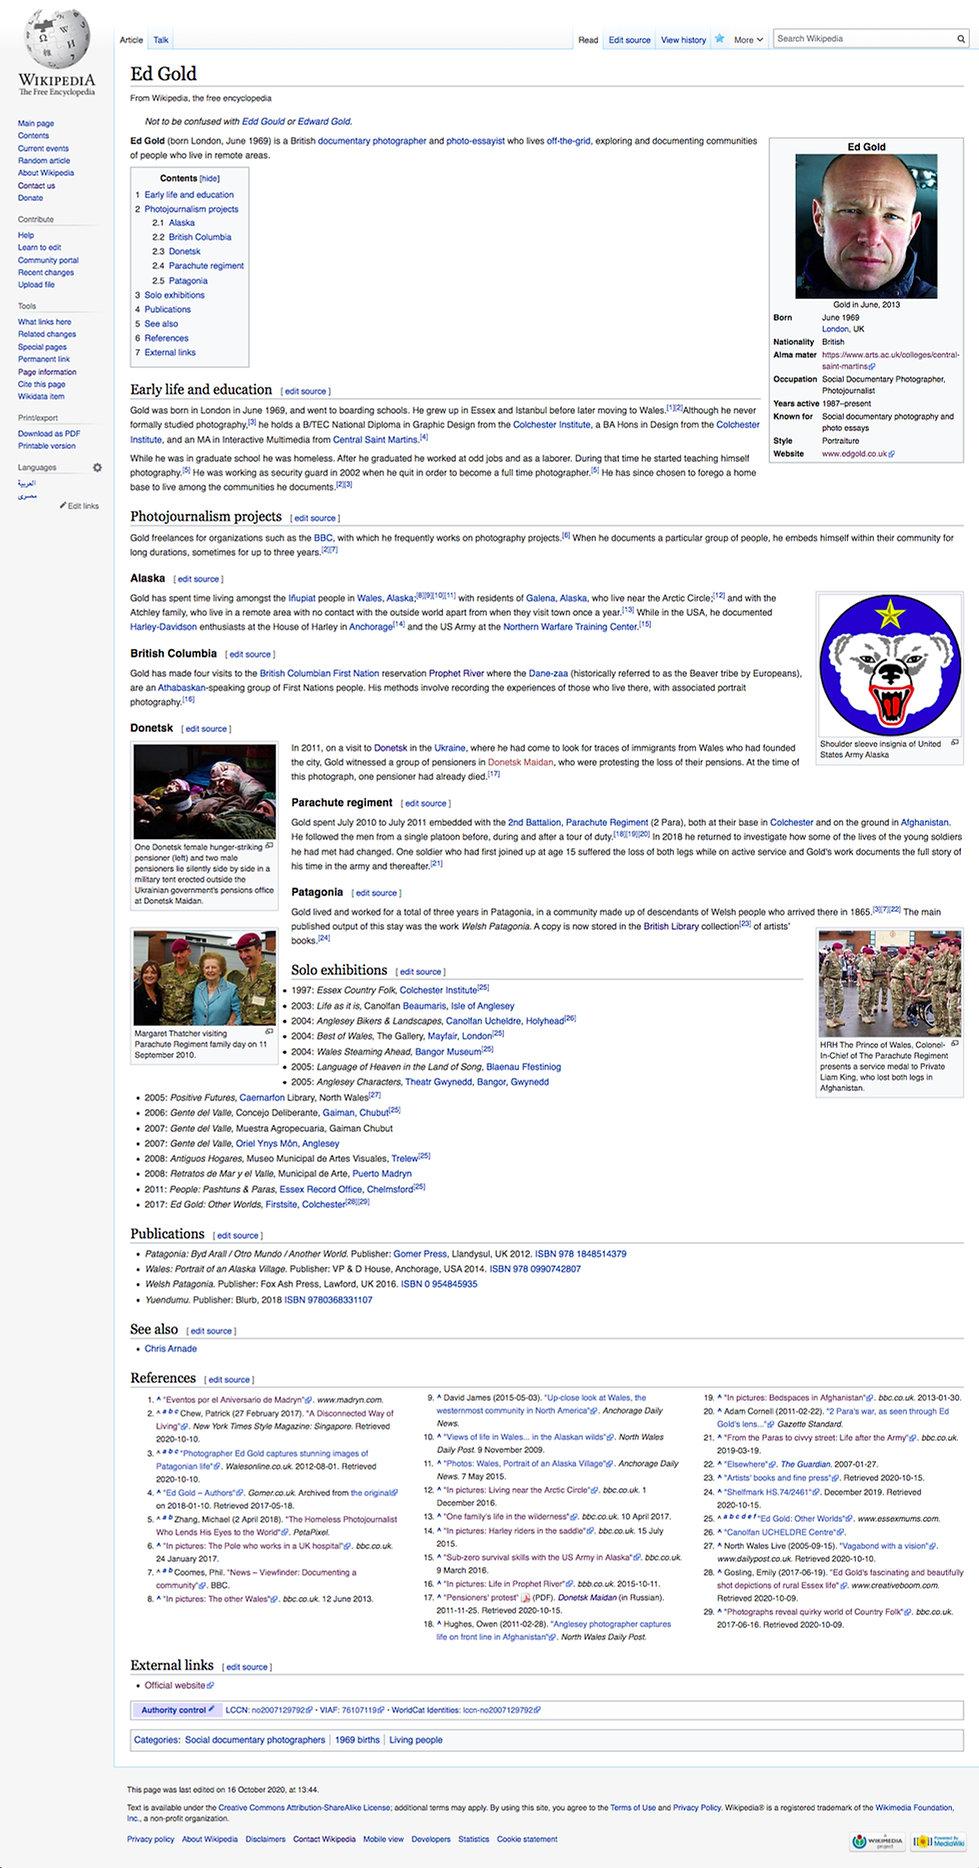 Wikipedia_page.jpg